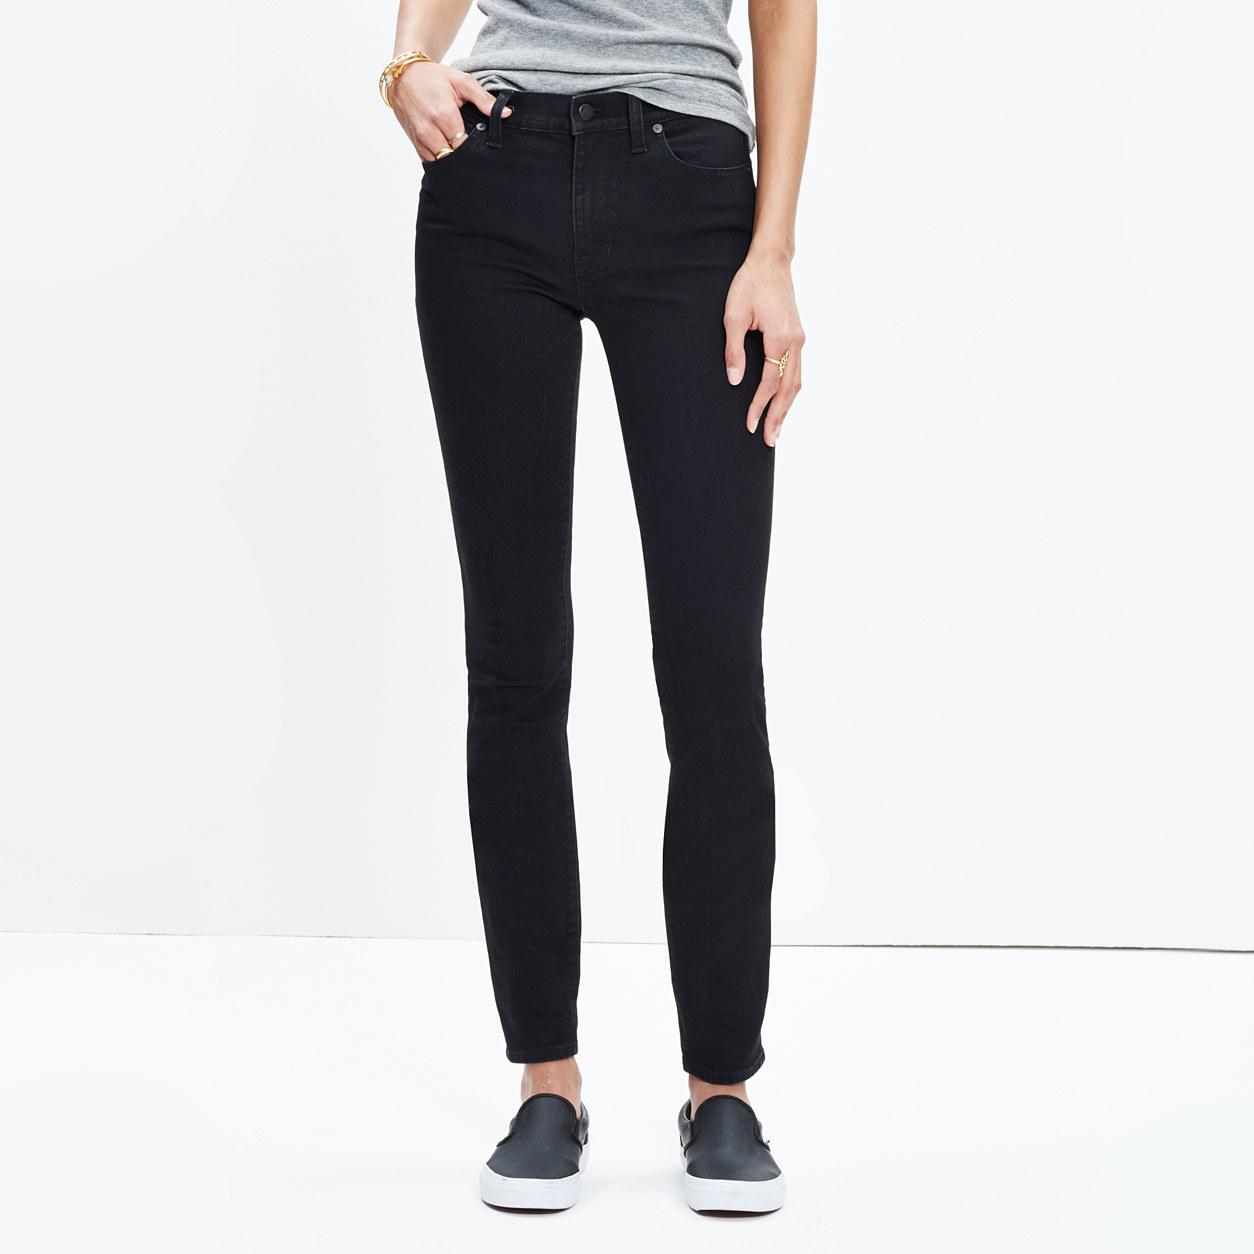 black skinny jeans tall 9 CINUGFD